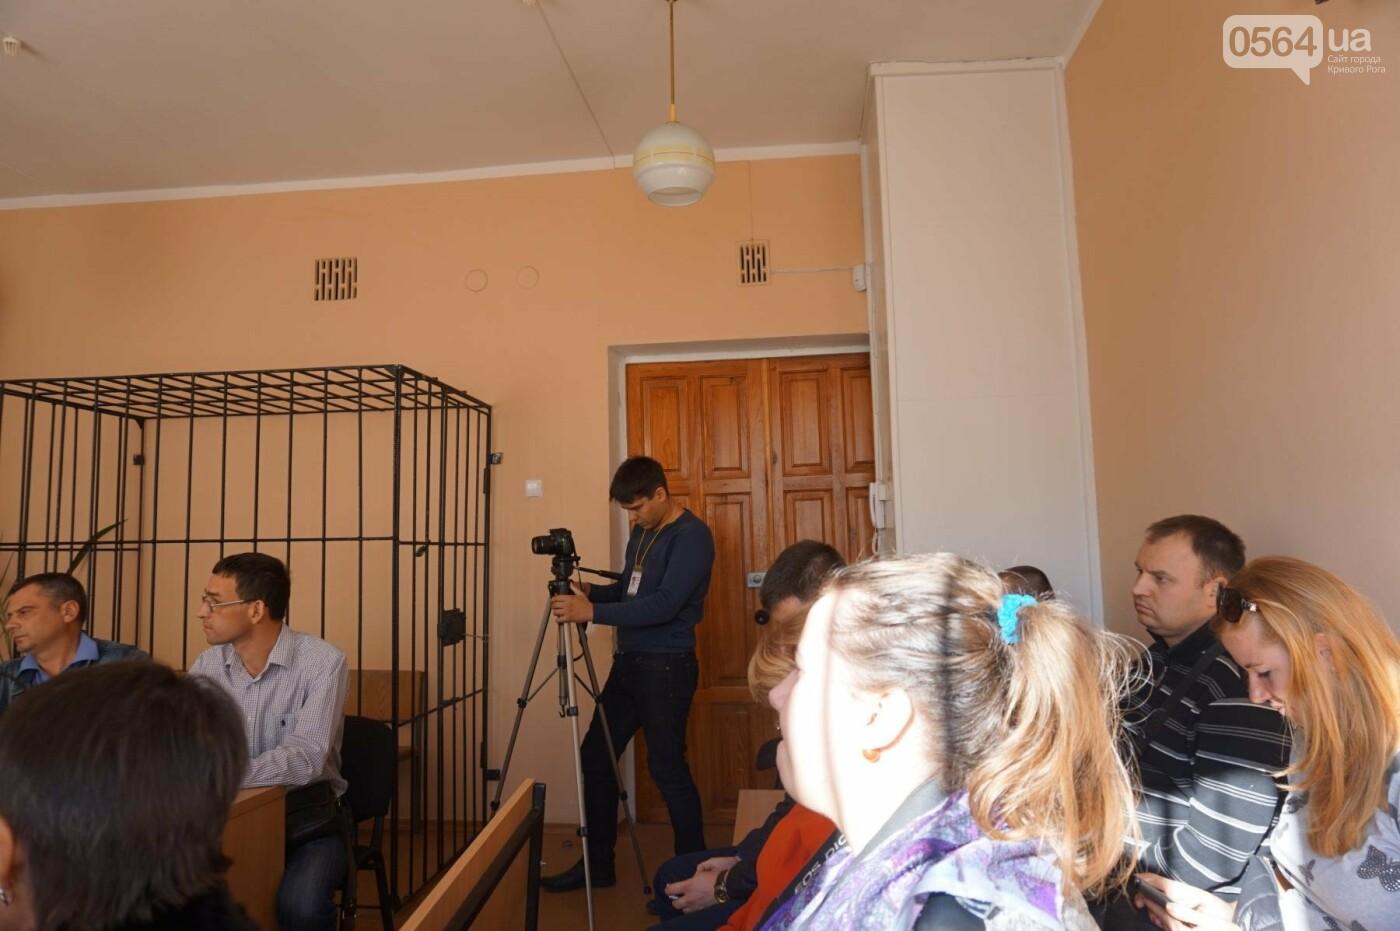 Горсть орехов для ребенка довела криворожского активиста до суда (ФОТО), фото-10